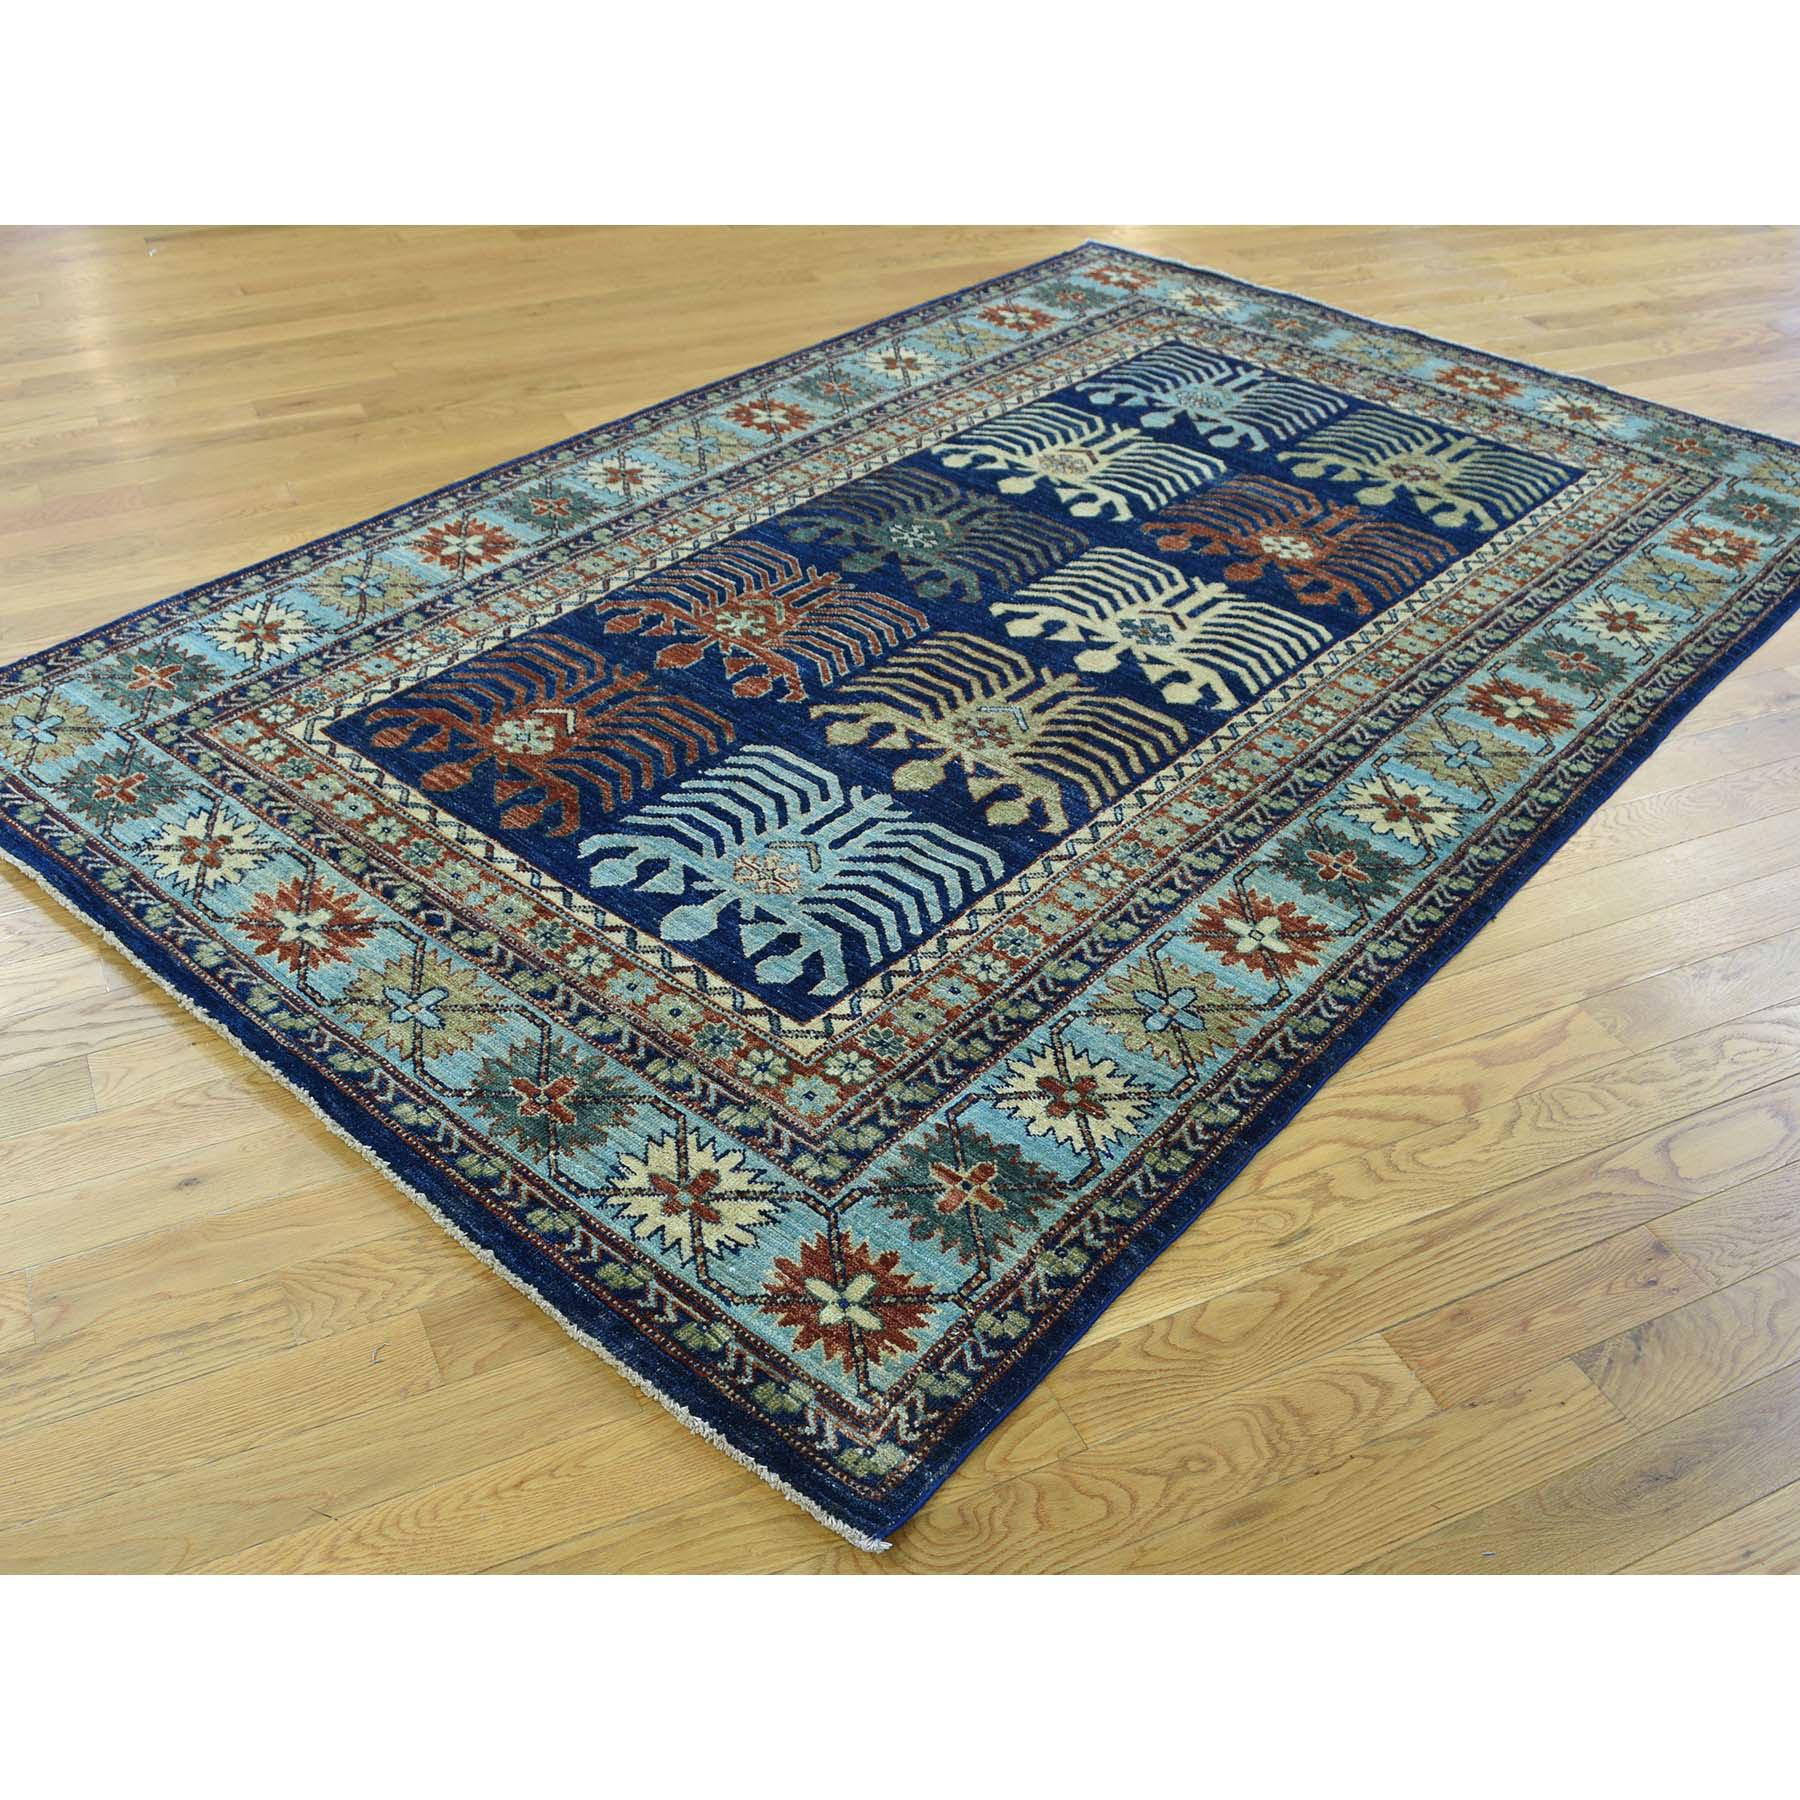 5-2 x8-2  Hand-Knotted Turkoman Ersari 100 Percent Wool Oriental Carpet